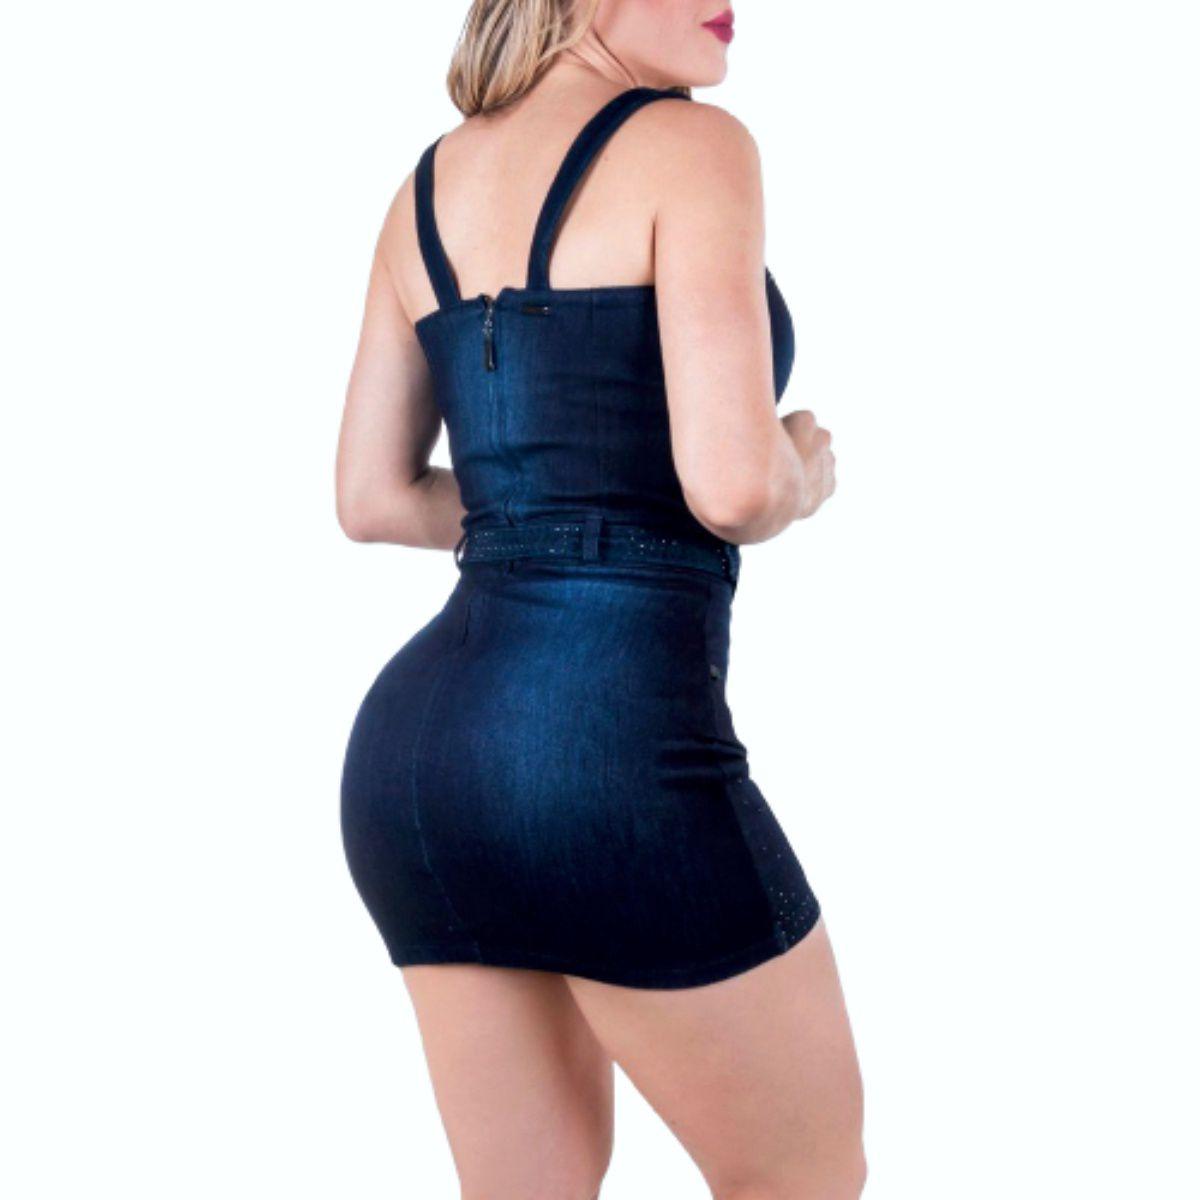 Vestido Pit Bull 27232 Jeans Feminino c/Pedra